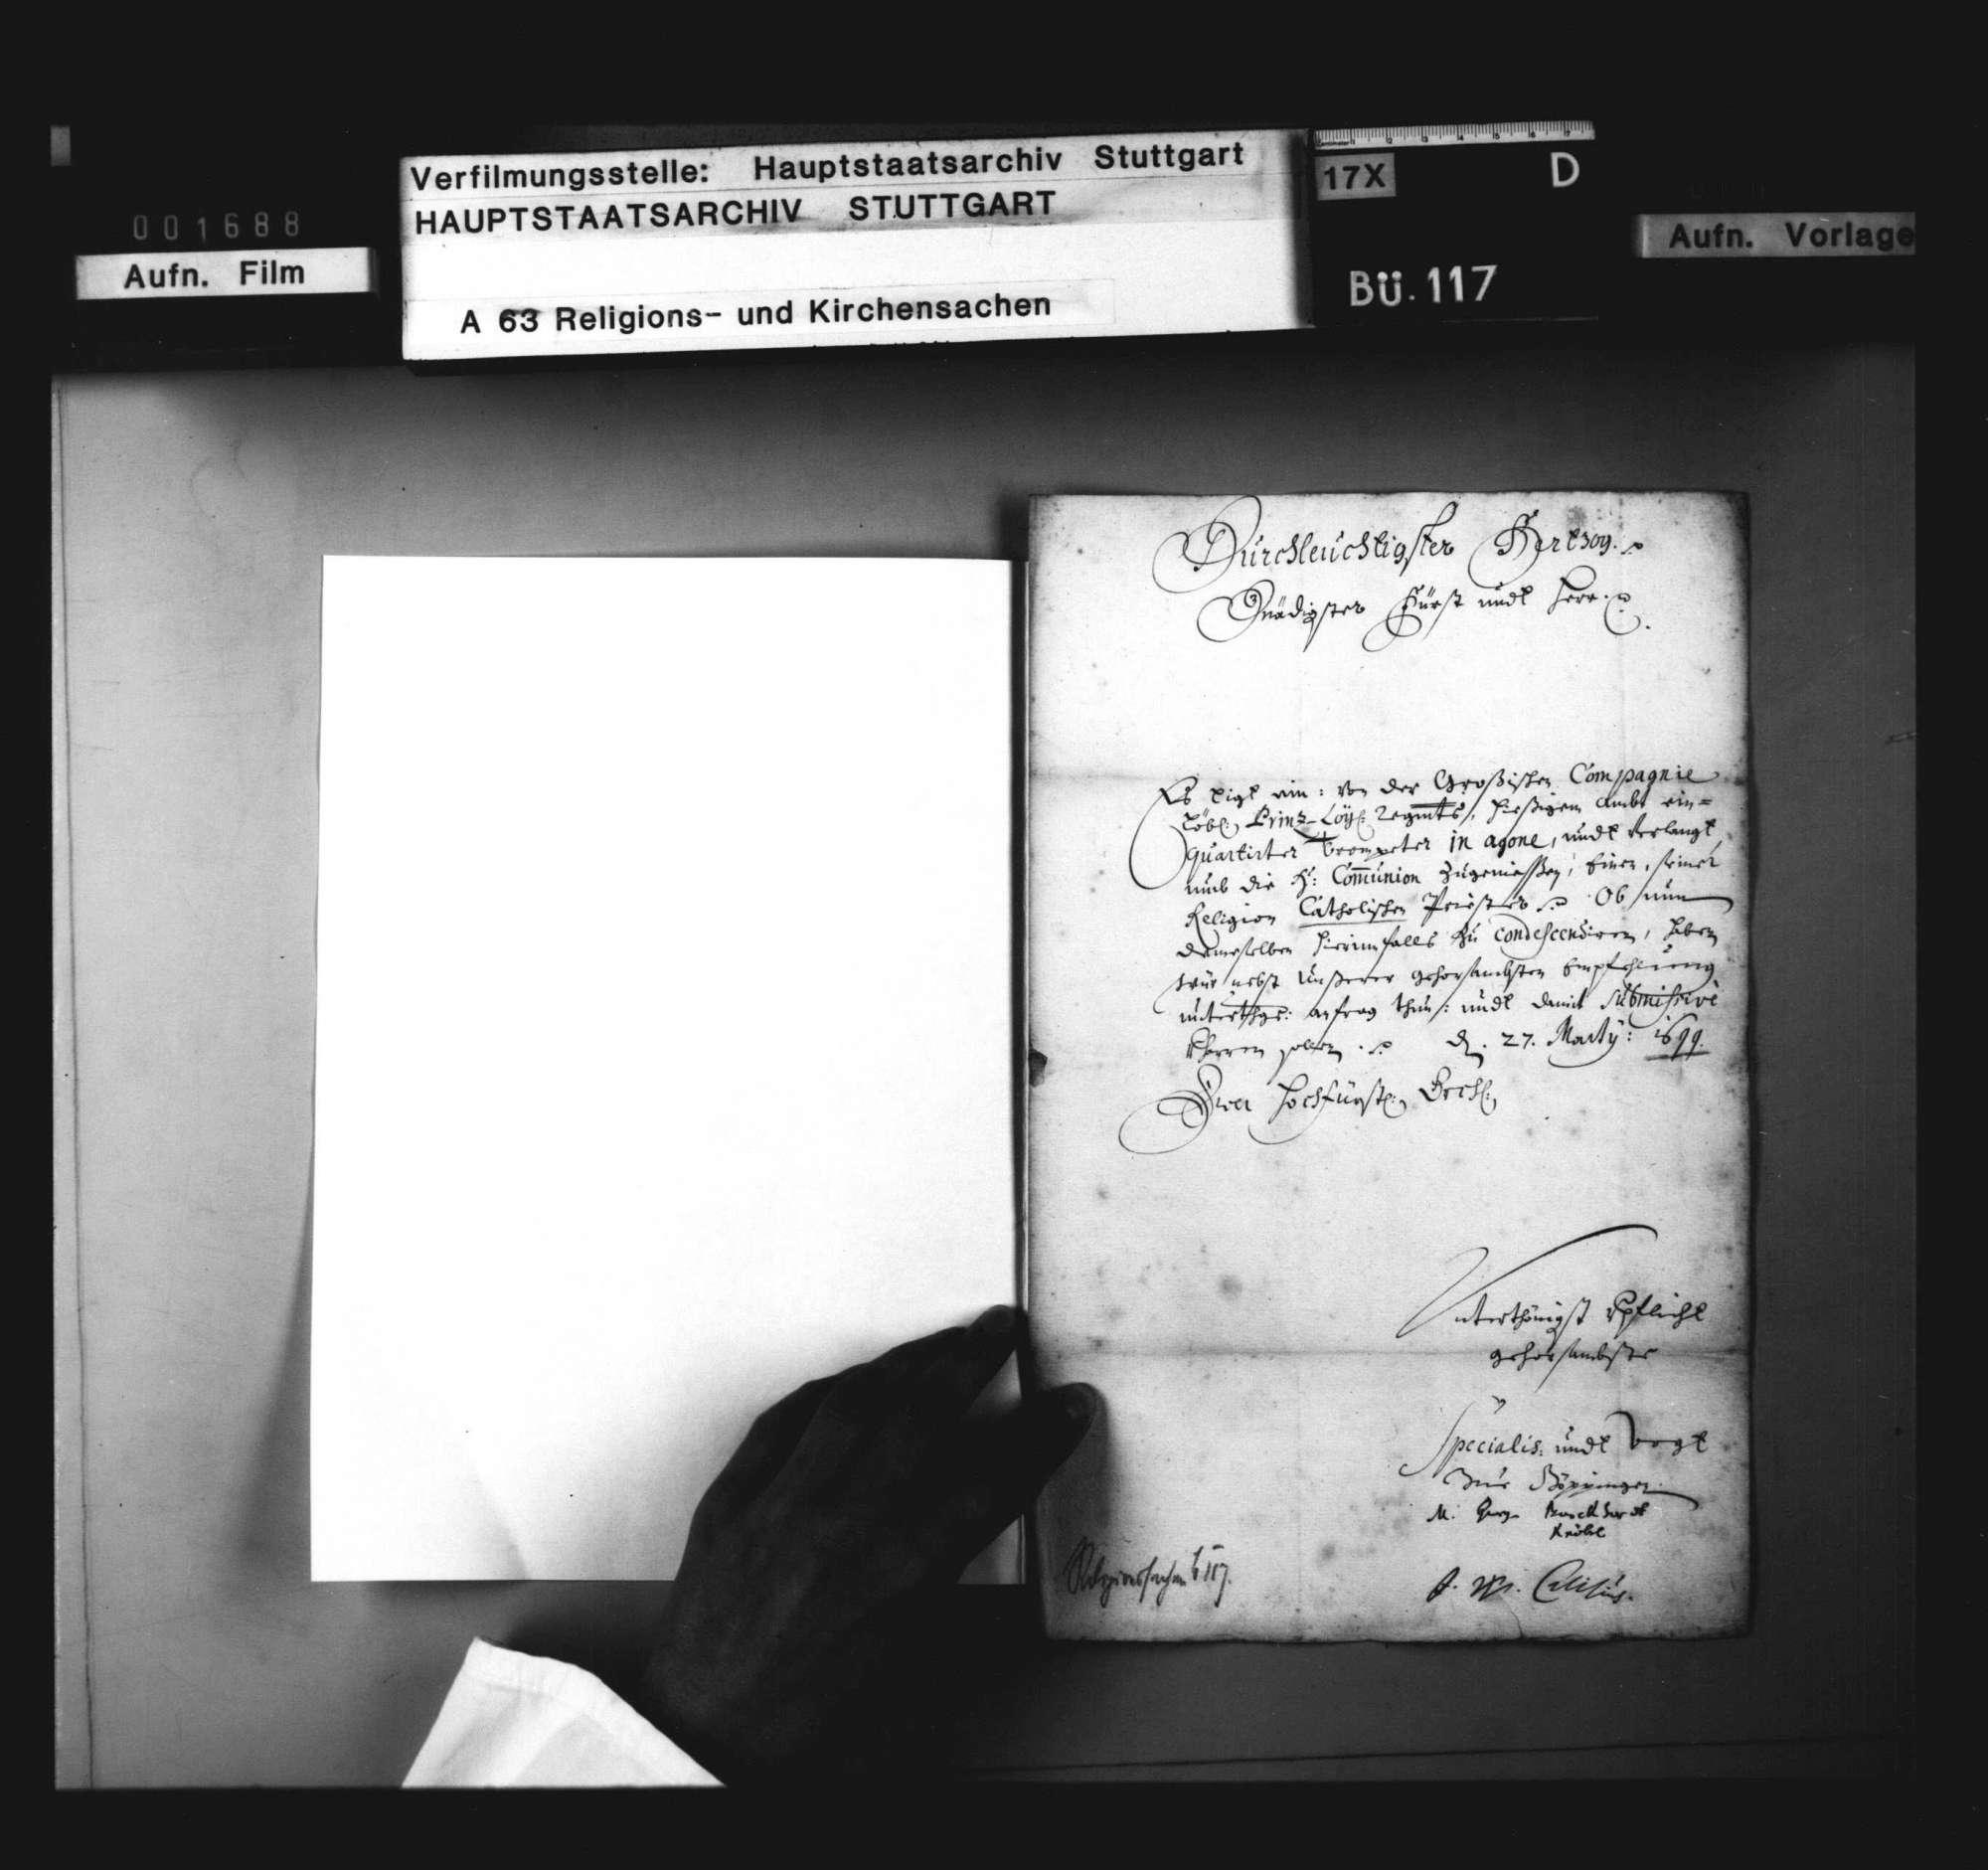 Anfrage von Special und Vogt zu Göppingen, ob zu einem sterbenden Katholiken ein Priester zuzulassen sei. 27. März, mit Bescheid vom 29. März 1699., Bild 2